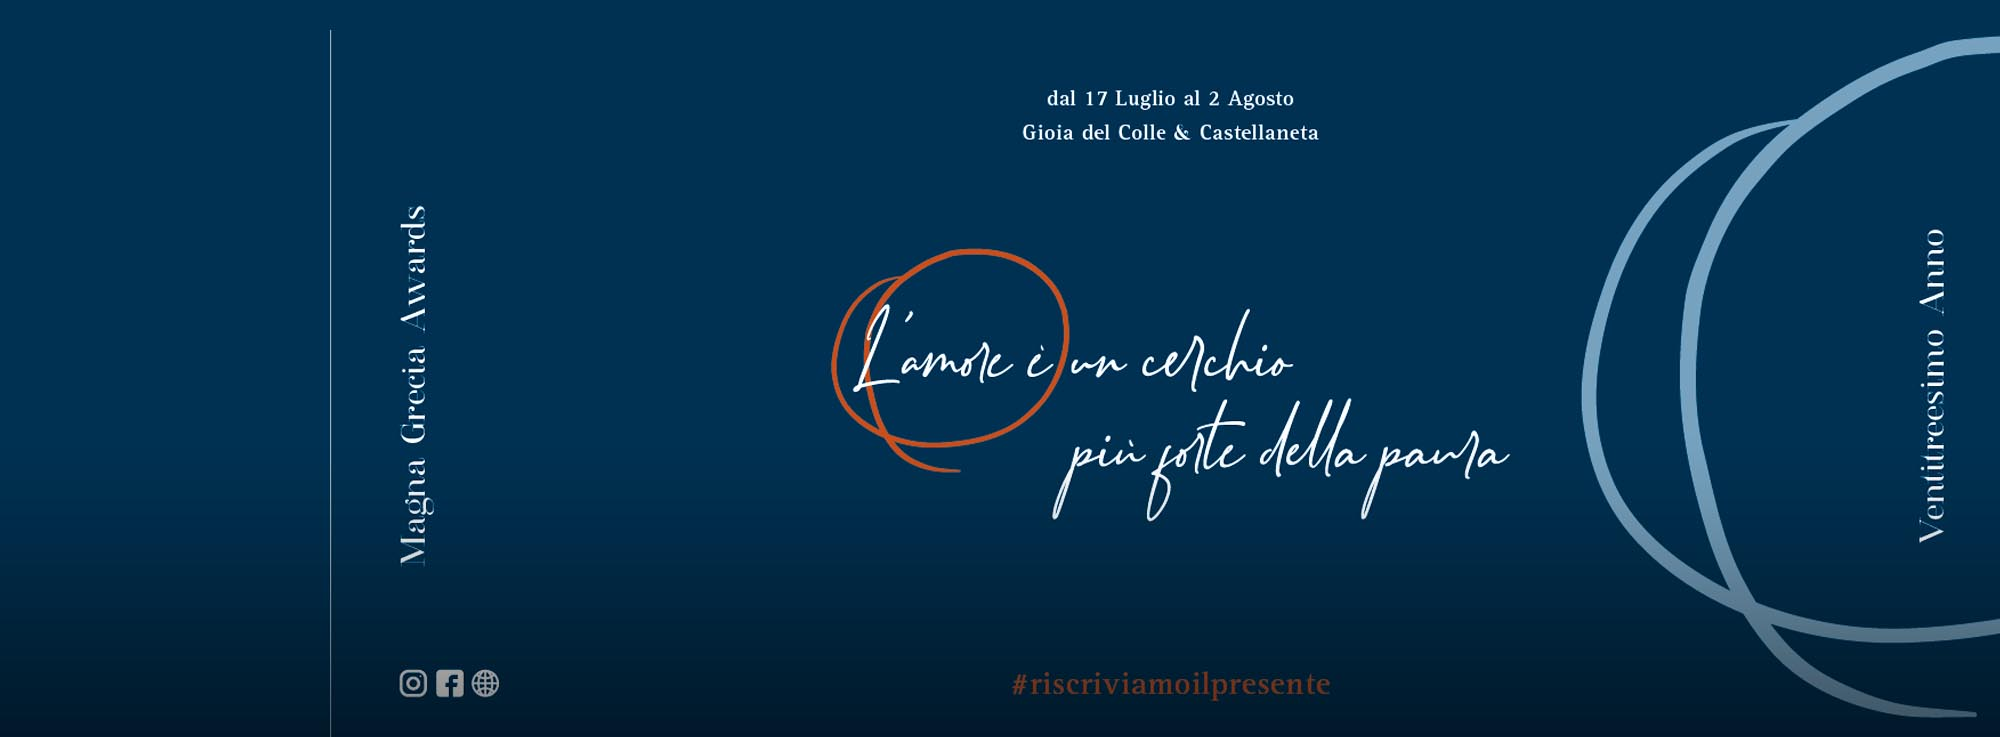 Gioia del Colle, Castellaneta: Magna Grecia Awards 2020